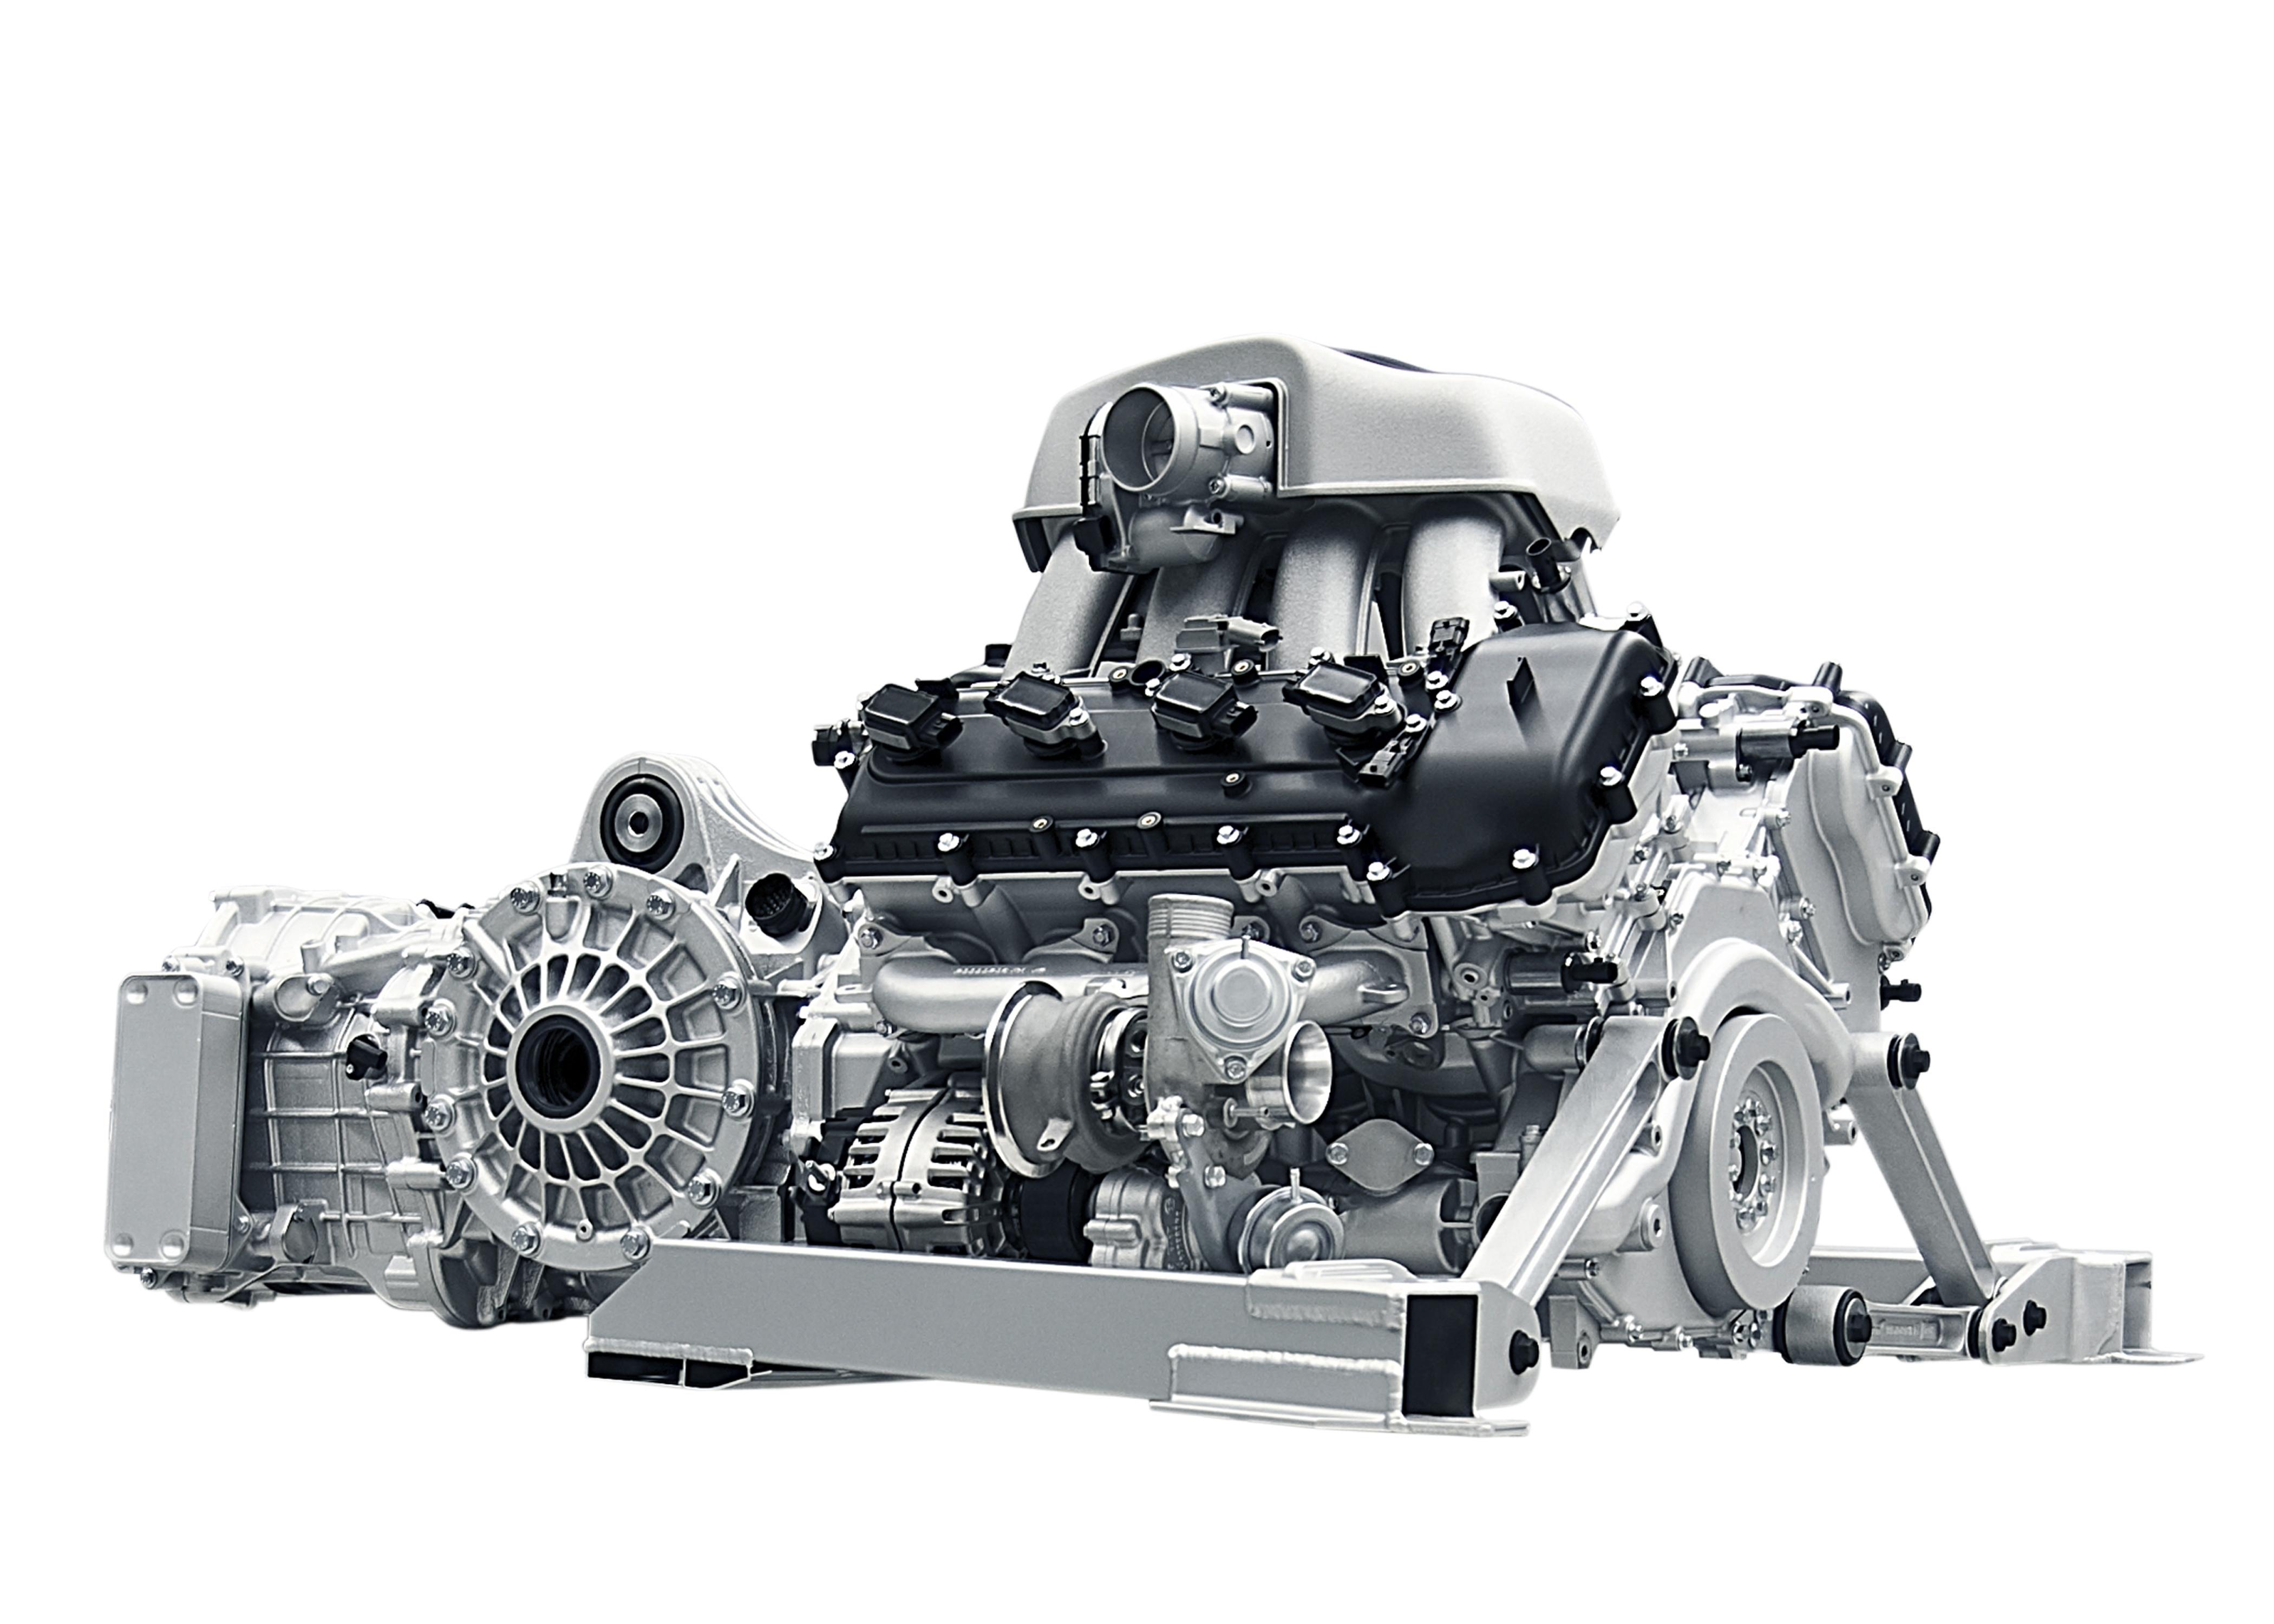 McLaren M838T